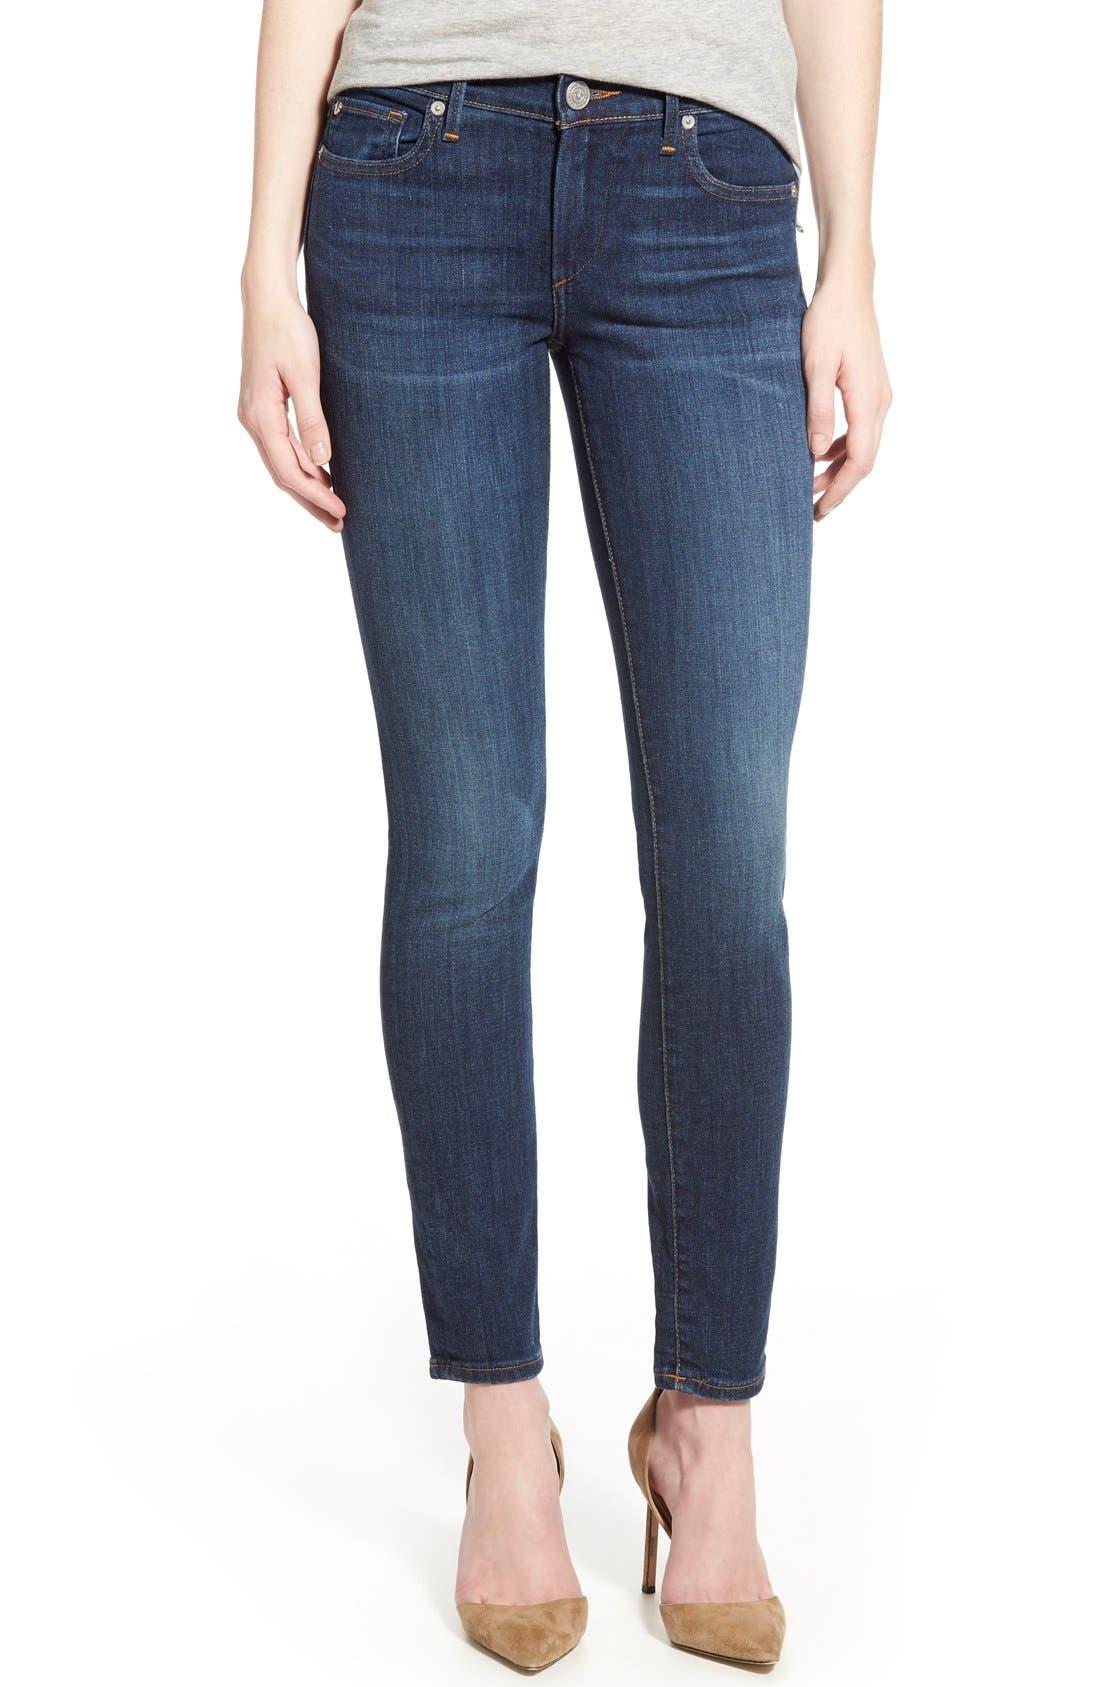 'Halle' Skinny Jeans,                         Main,                         color, Worn Vintage